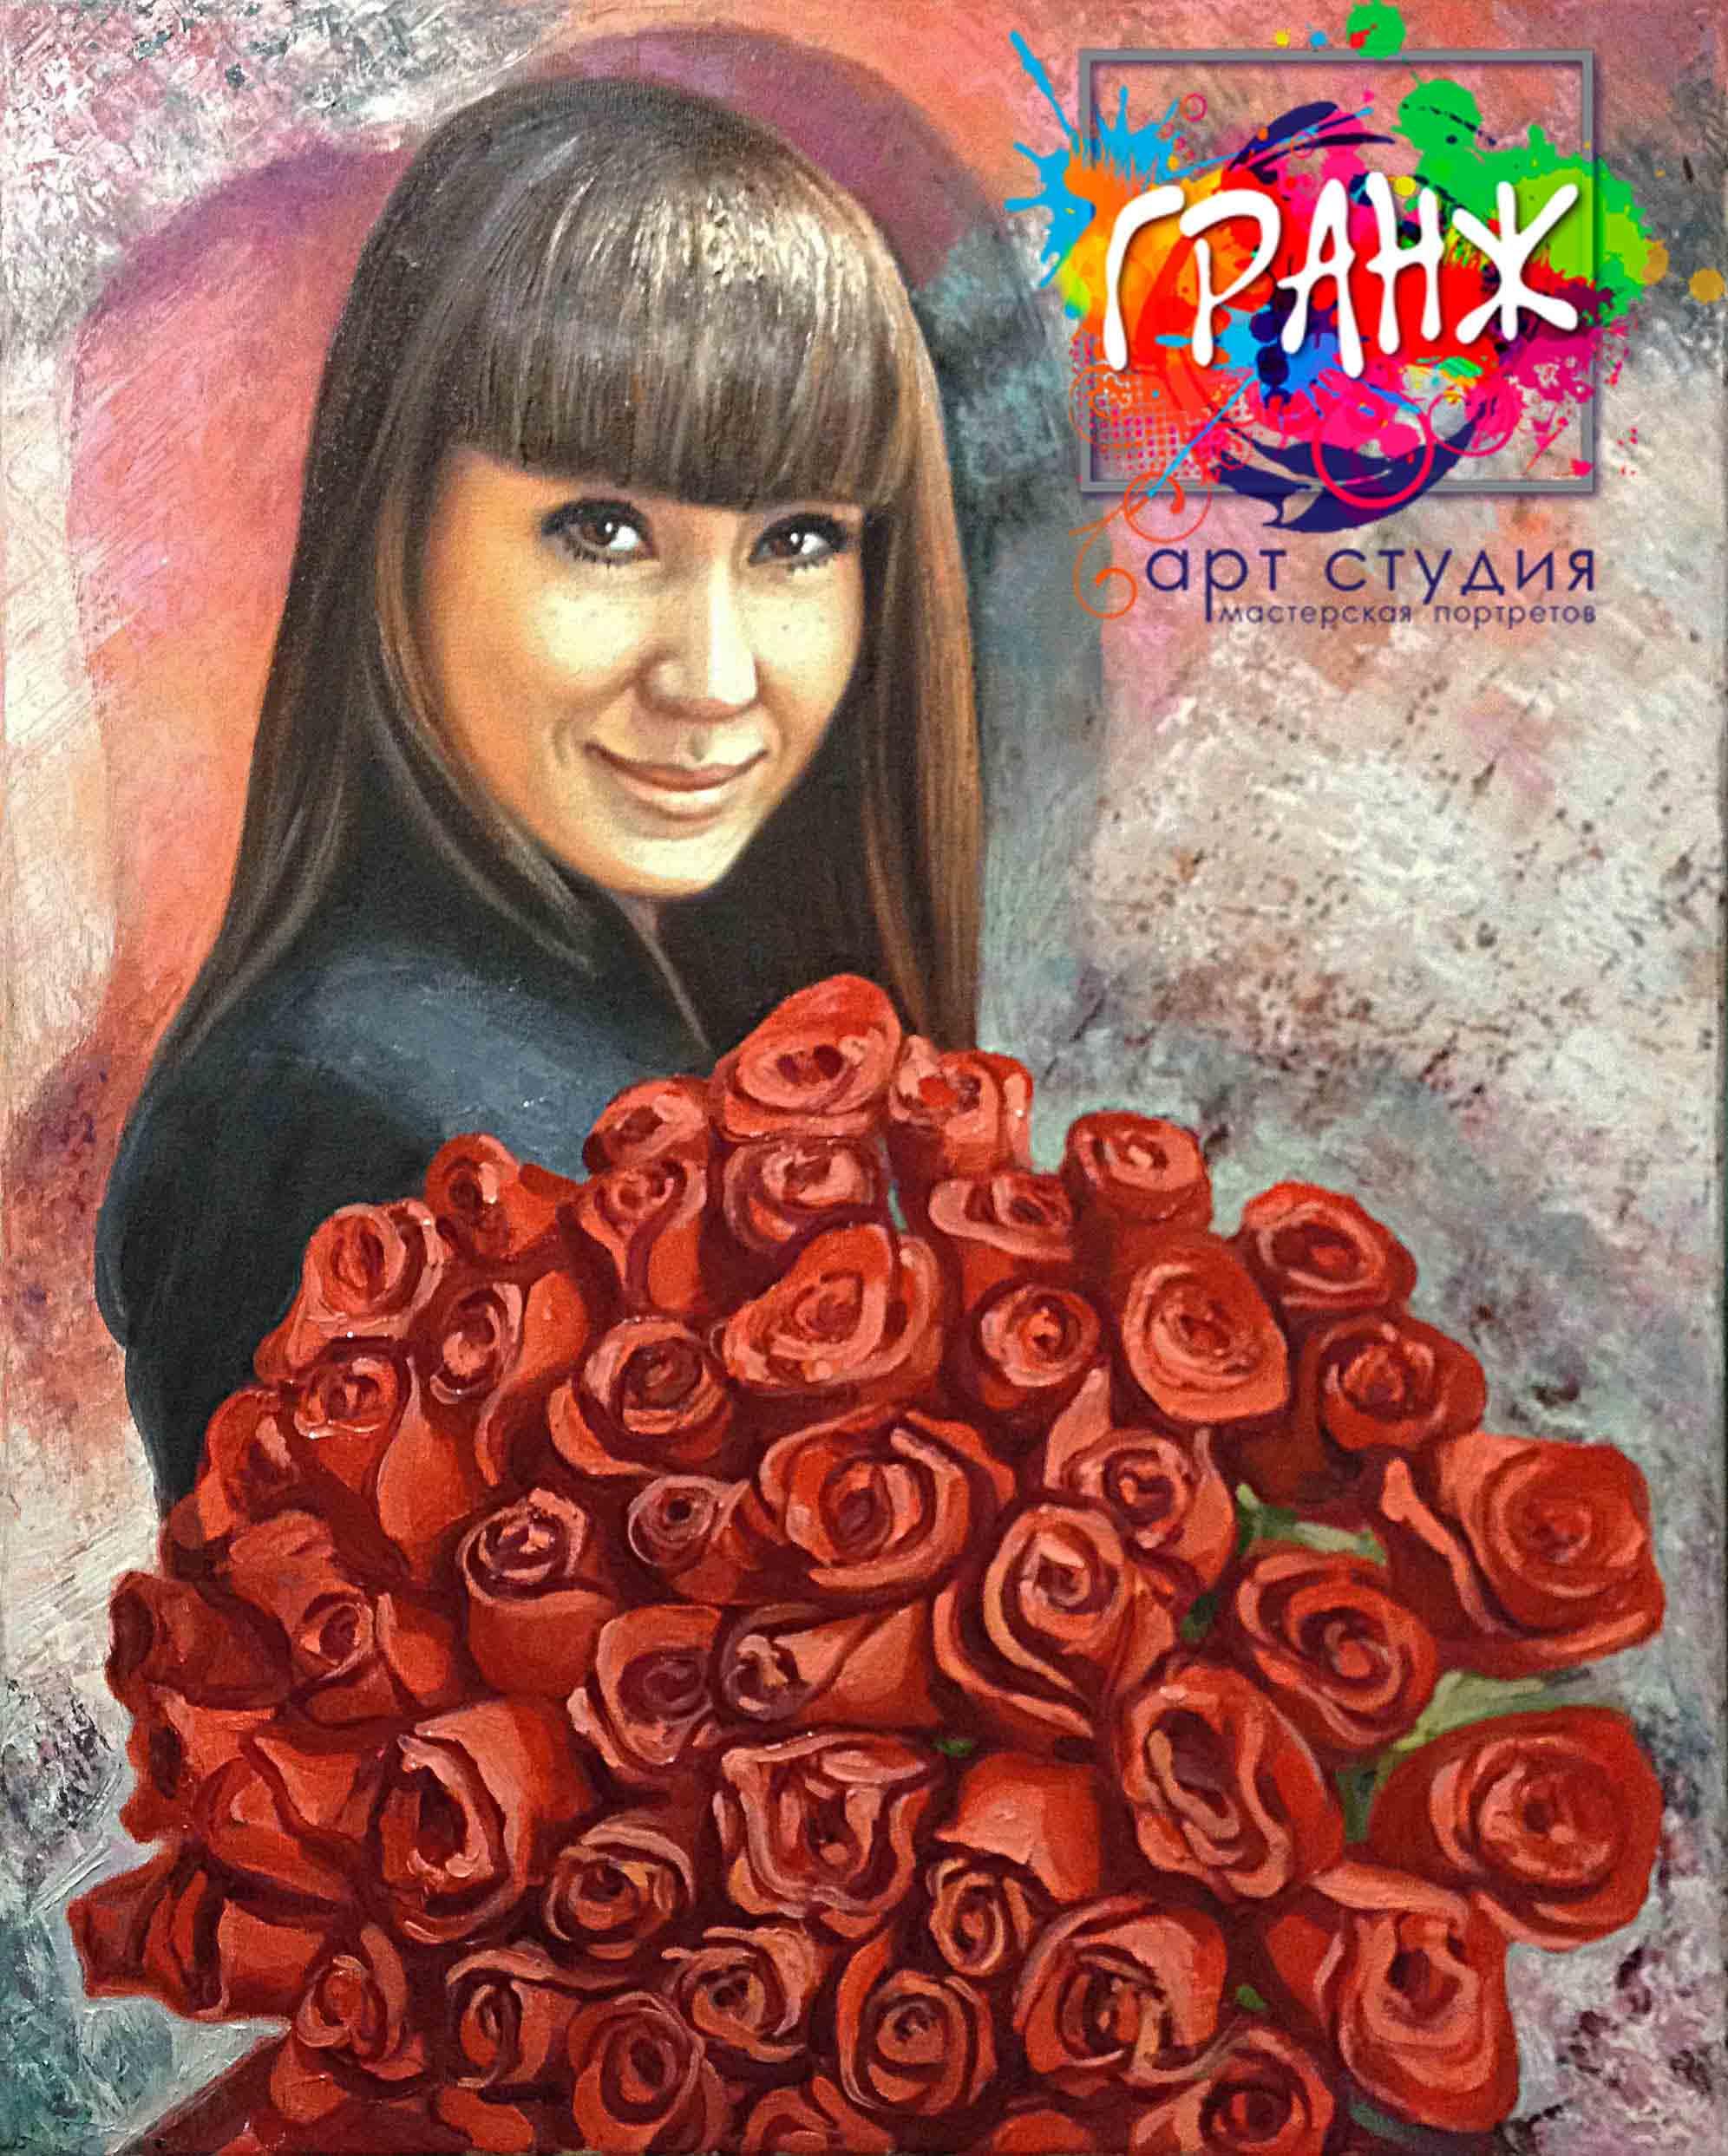 Заказать портрет маслом по фотографии в Ставрополе